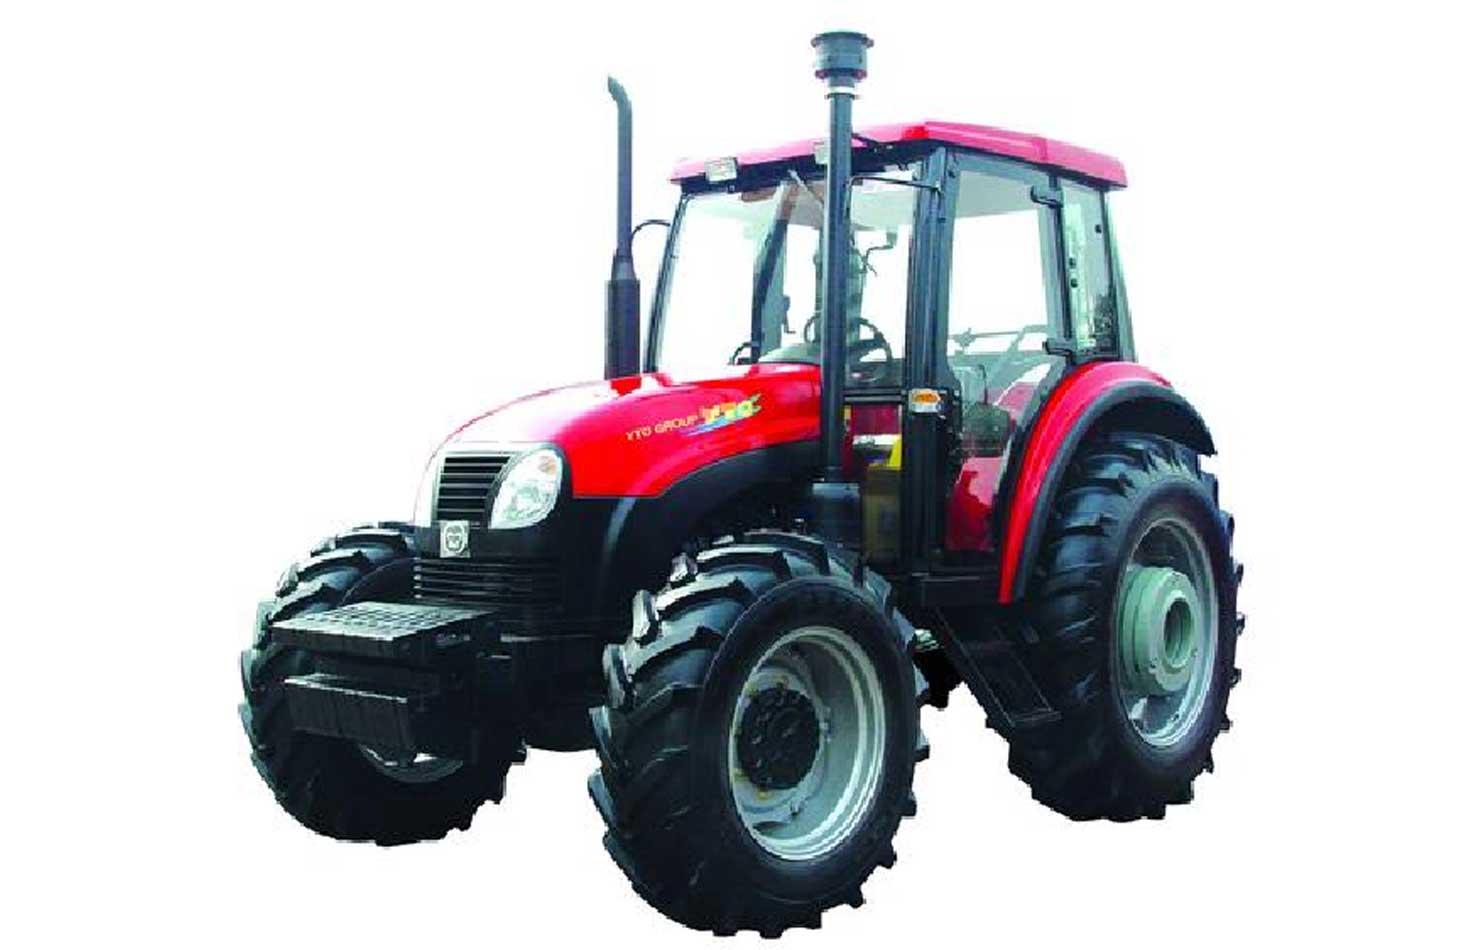 Колесный трактор YTO-X904